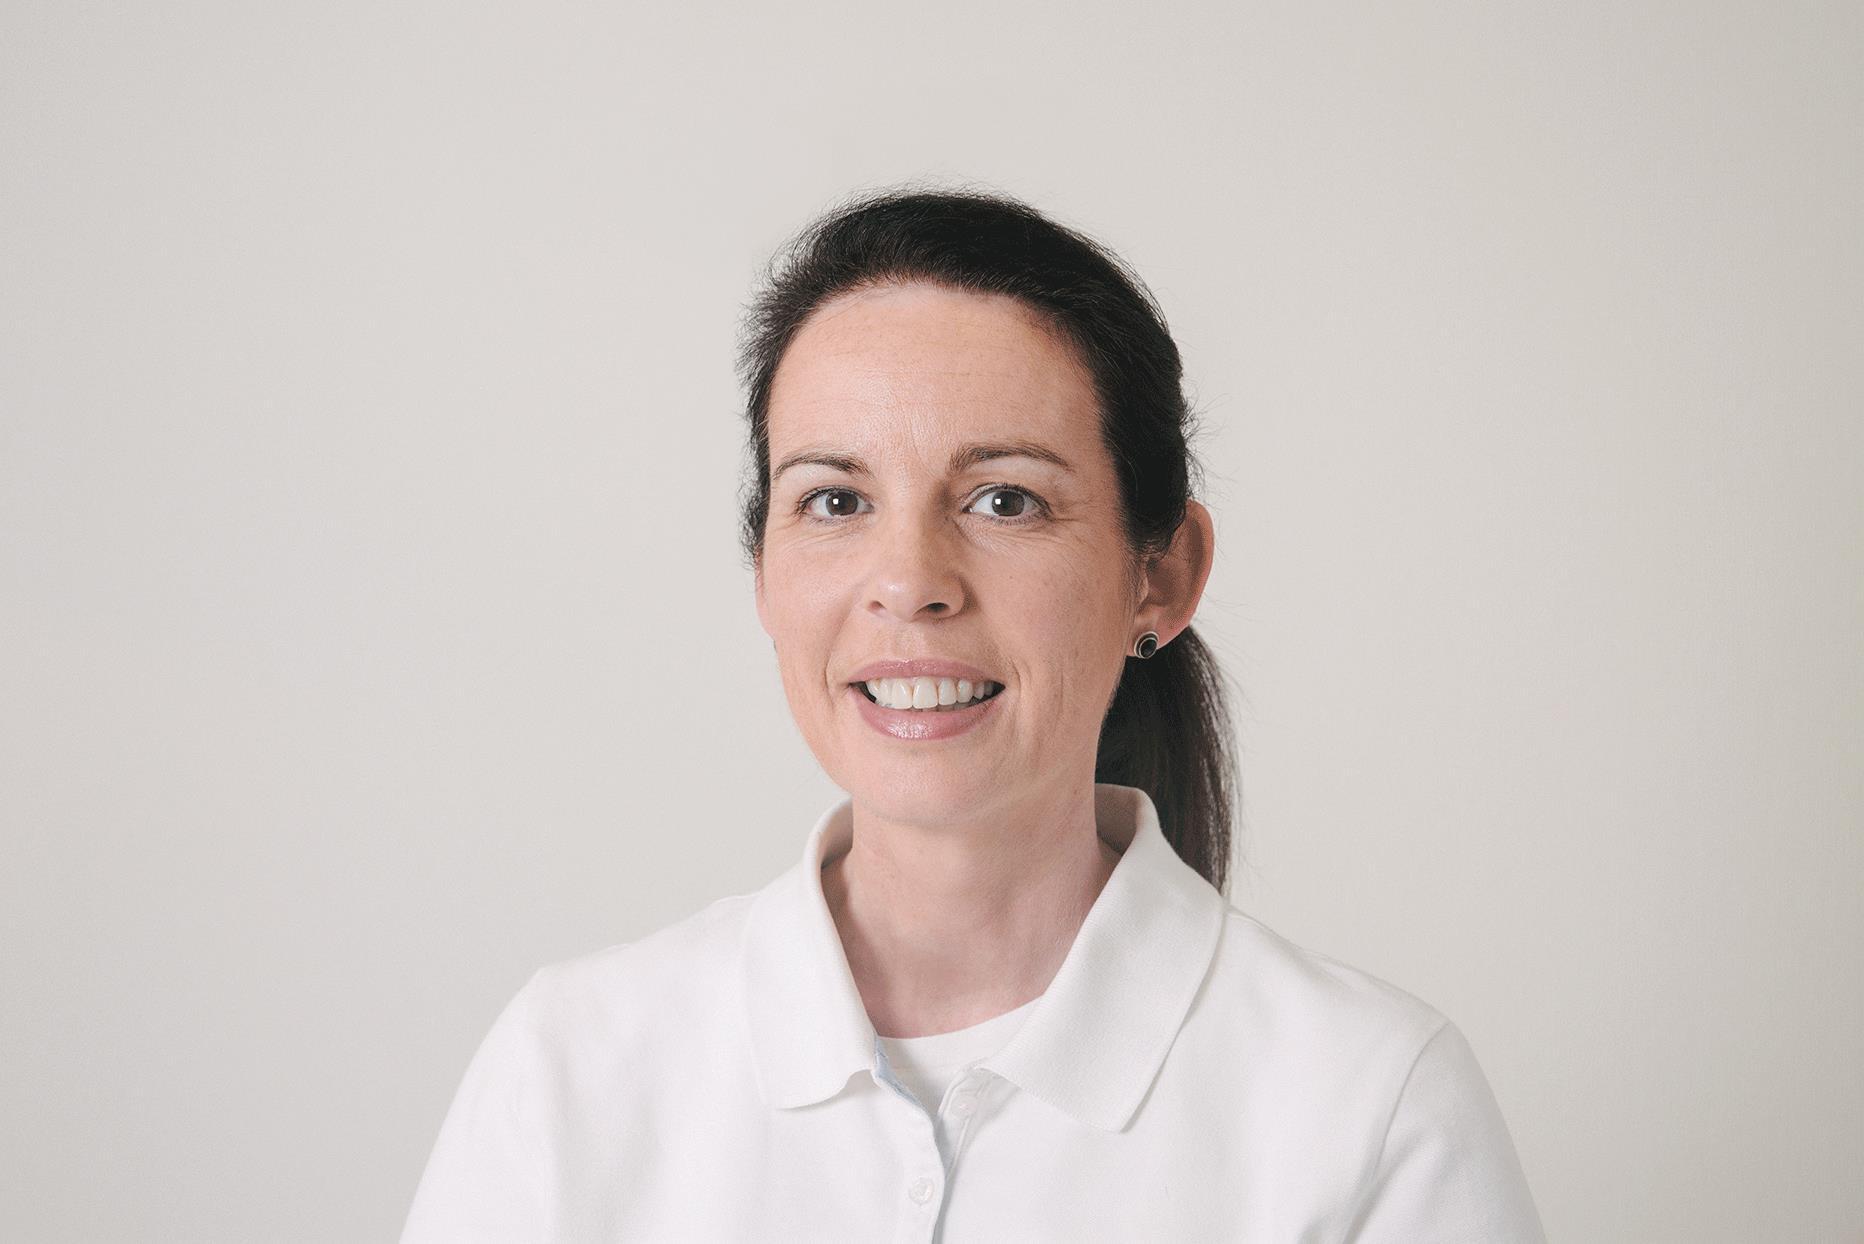 Martina McGrath